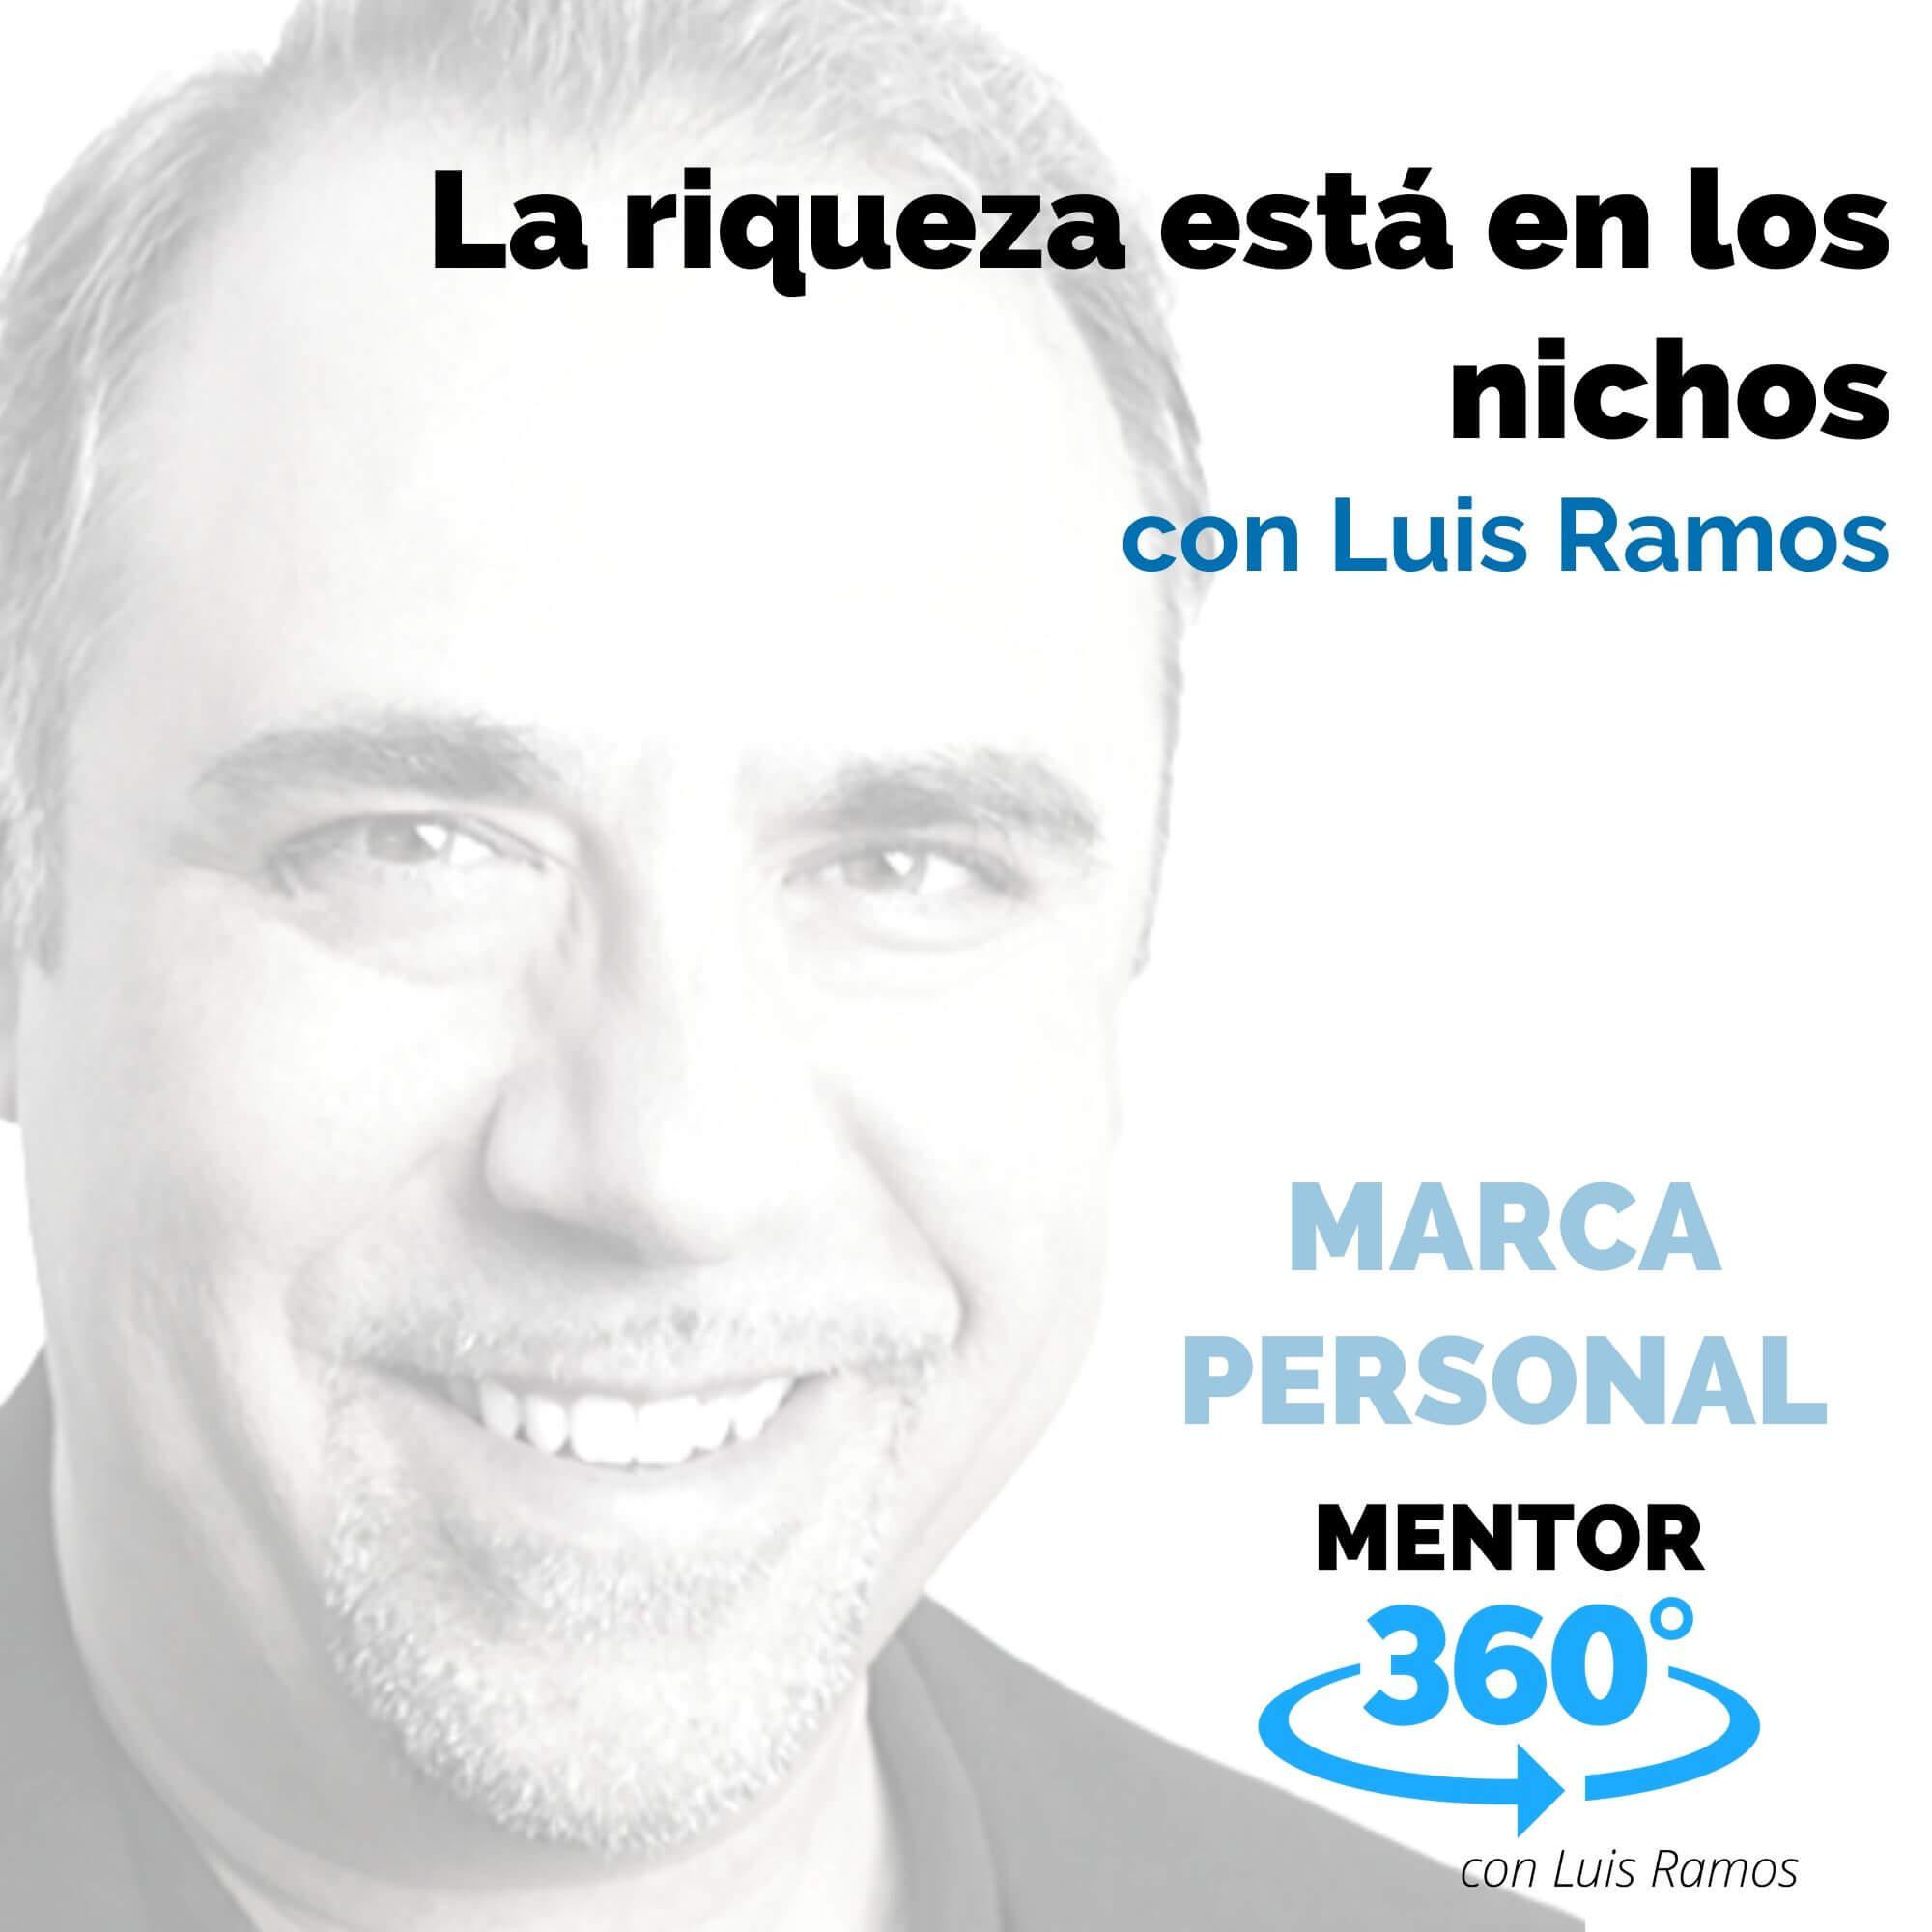 La riqueza está en los nichos, con Luis Ramos - MARCA PERSONAL